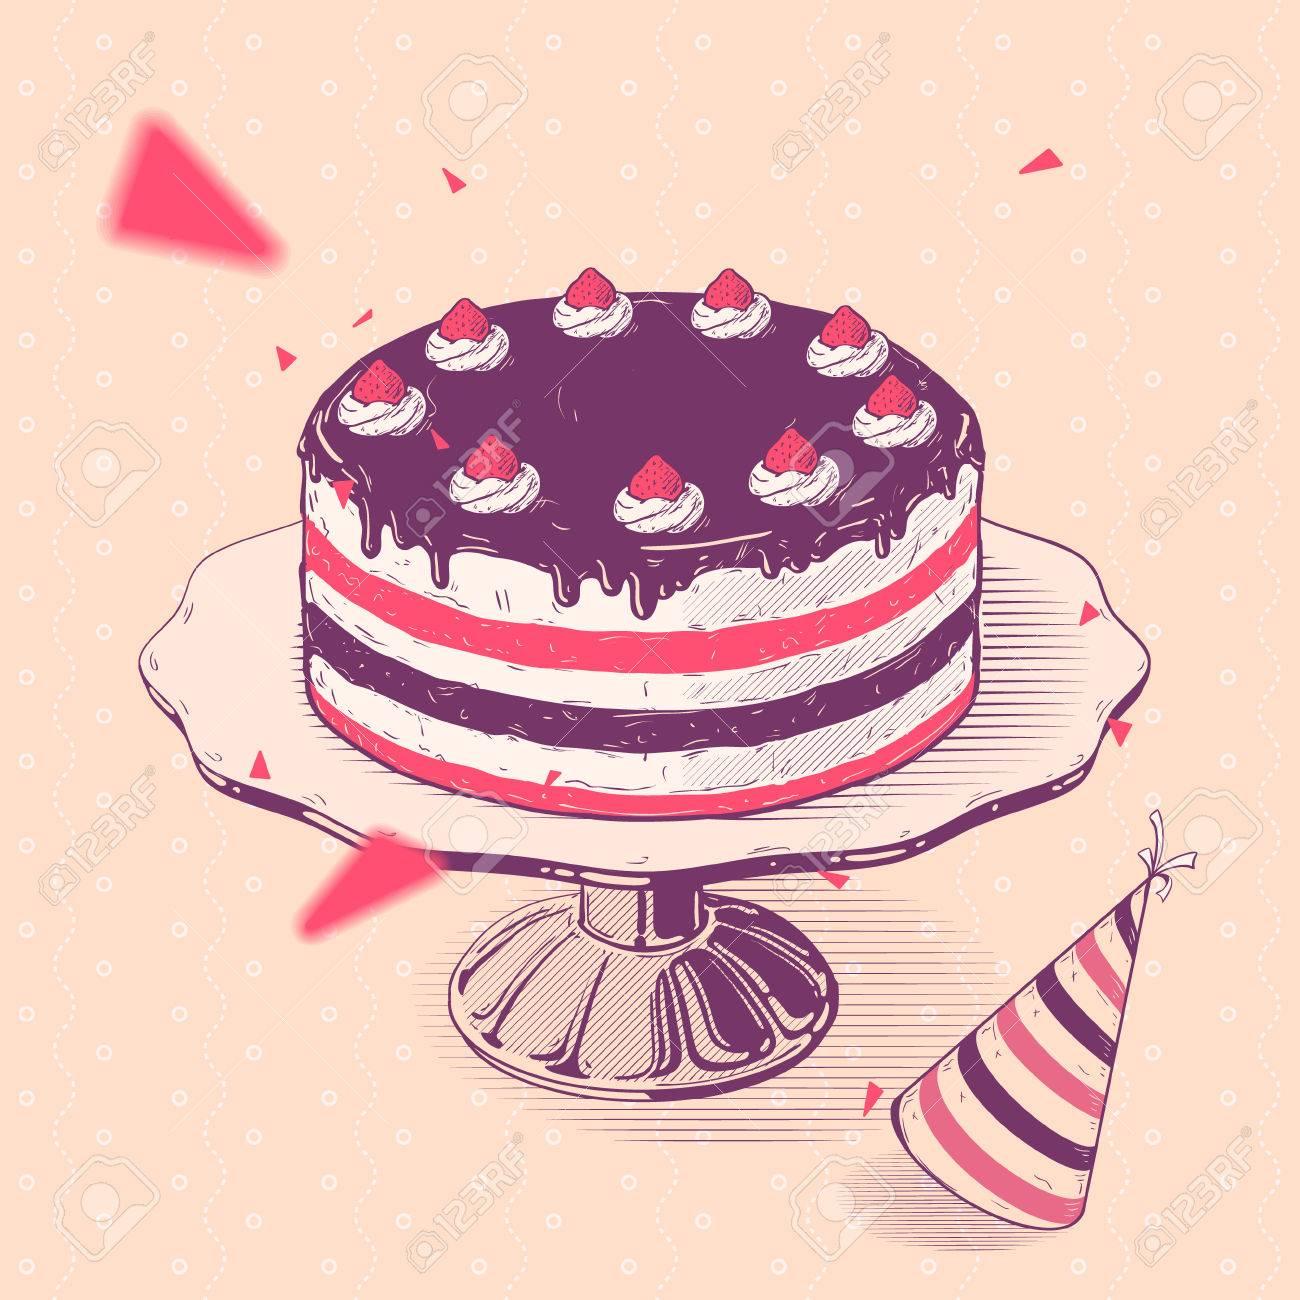 ベクトル手下ろしイラスト クリームとイチゴのバースデー ケーキの